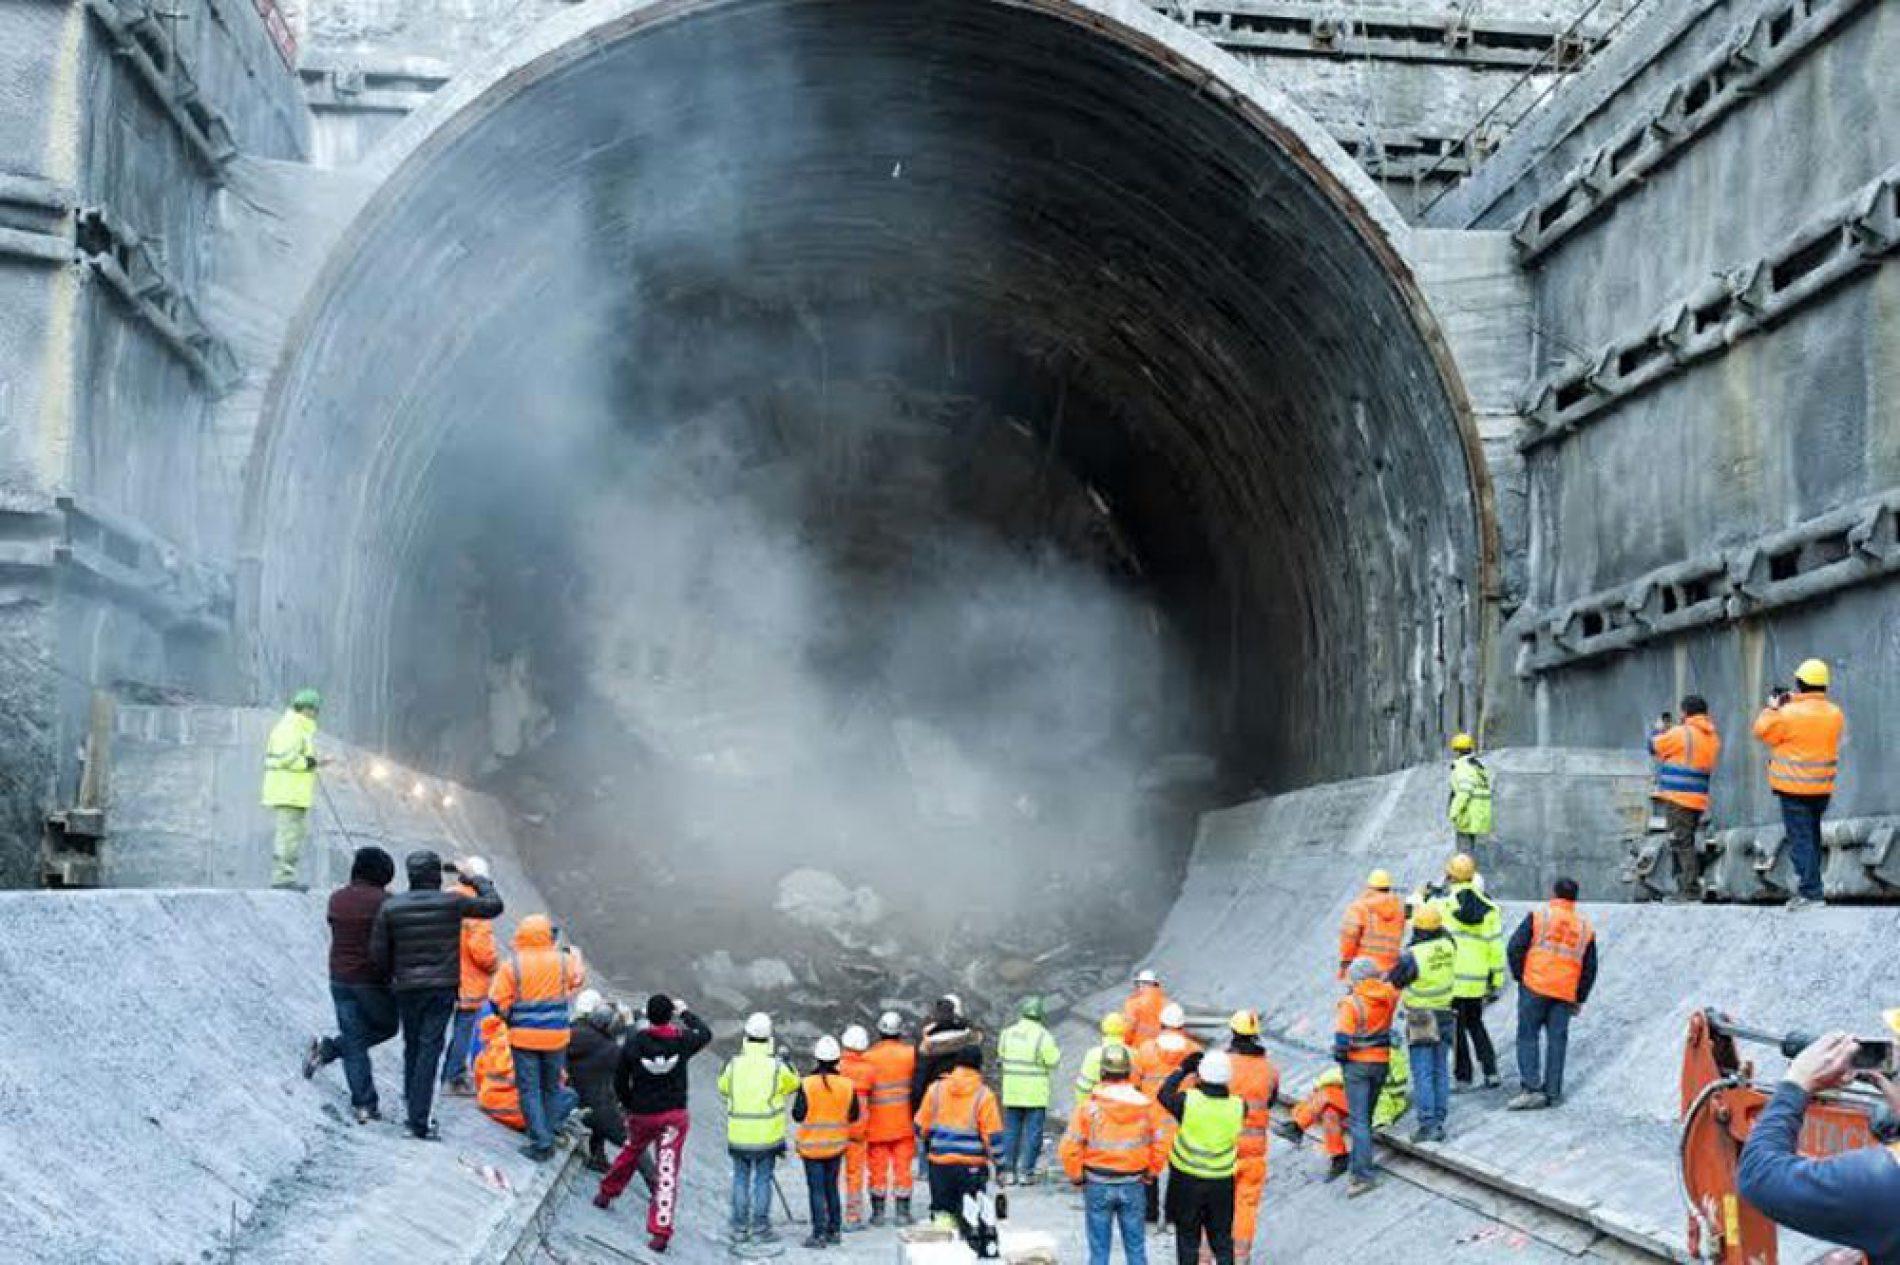 Cooperativa di Ravenna costruirà un tunnel nelle Filippine